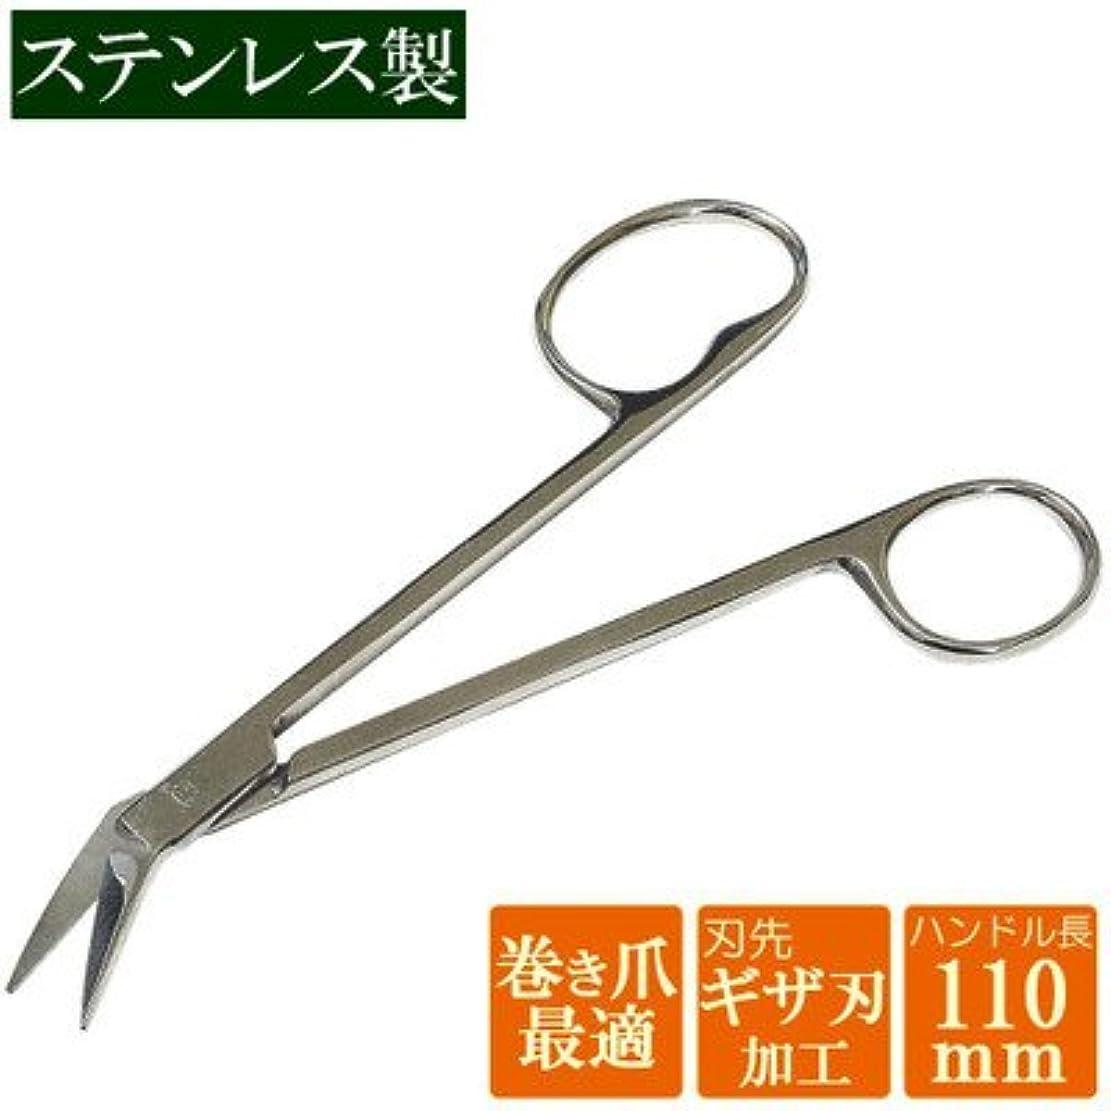 アラームクールウィザード88021 ロング足用爪切りハサミ 自由なラインで切れる足用爪切りハサミ